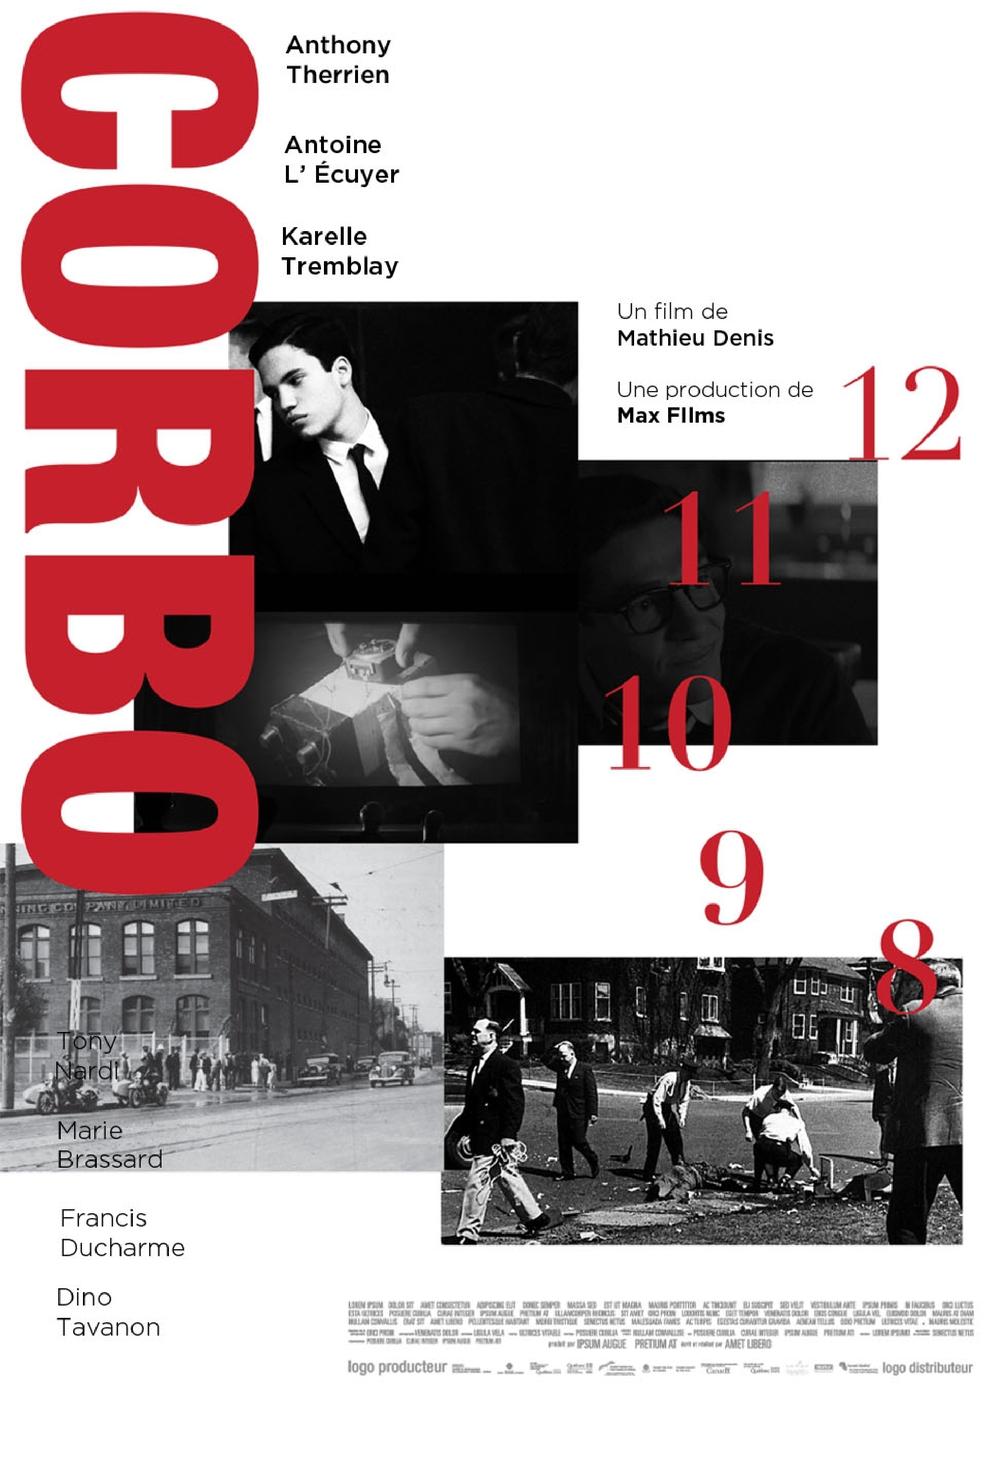 CORBO-Poster-RENZO-27oct_00013.jpg